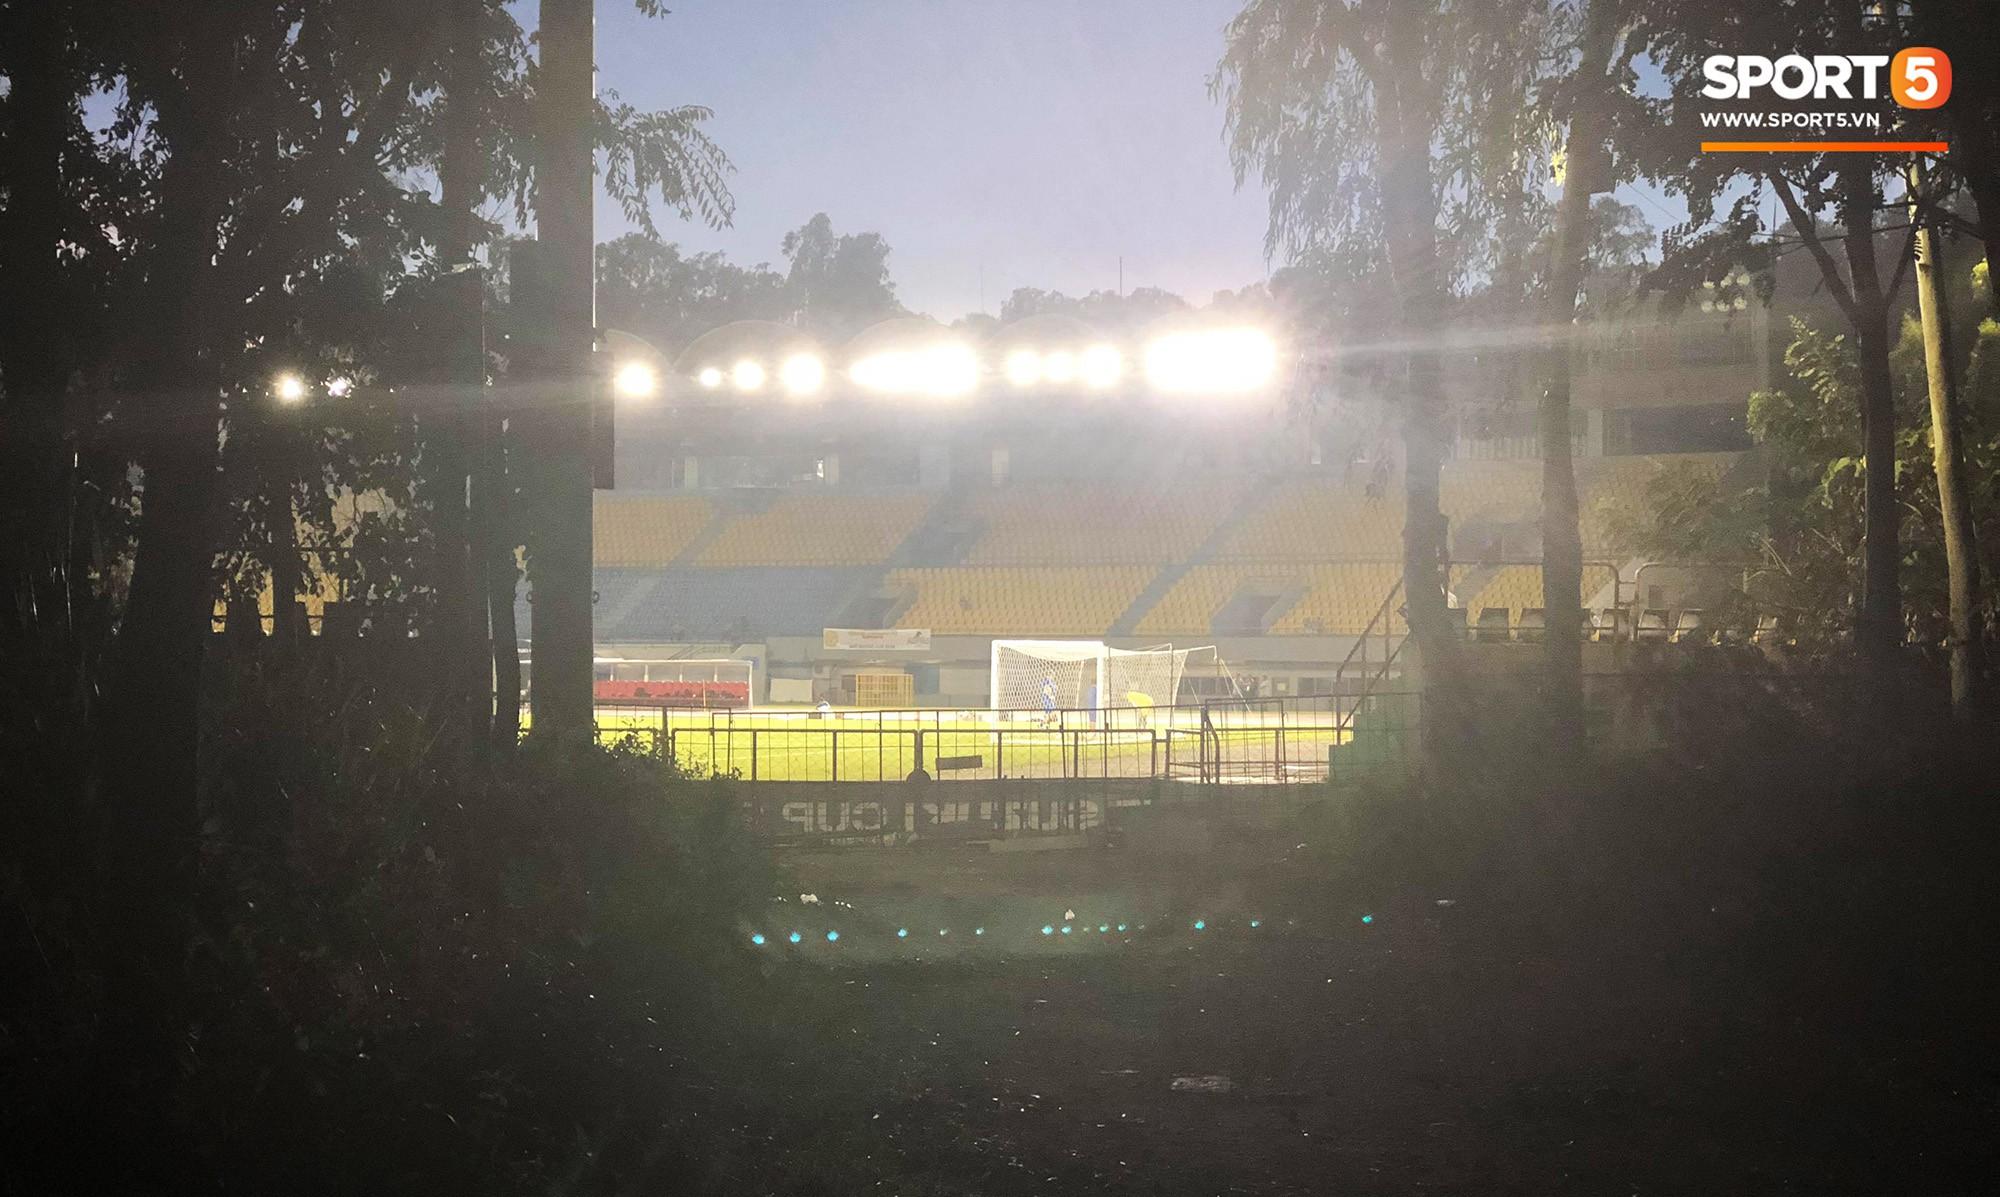 Phát hiện máy quay lén, HLV tuyển Philippines cấm cửa phóng viên tác nghiệp trước trận gặp Việt Nam 1